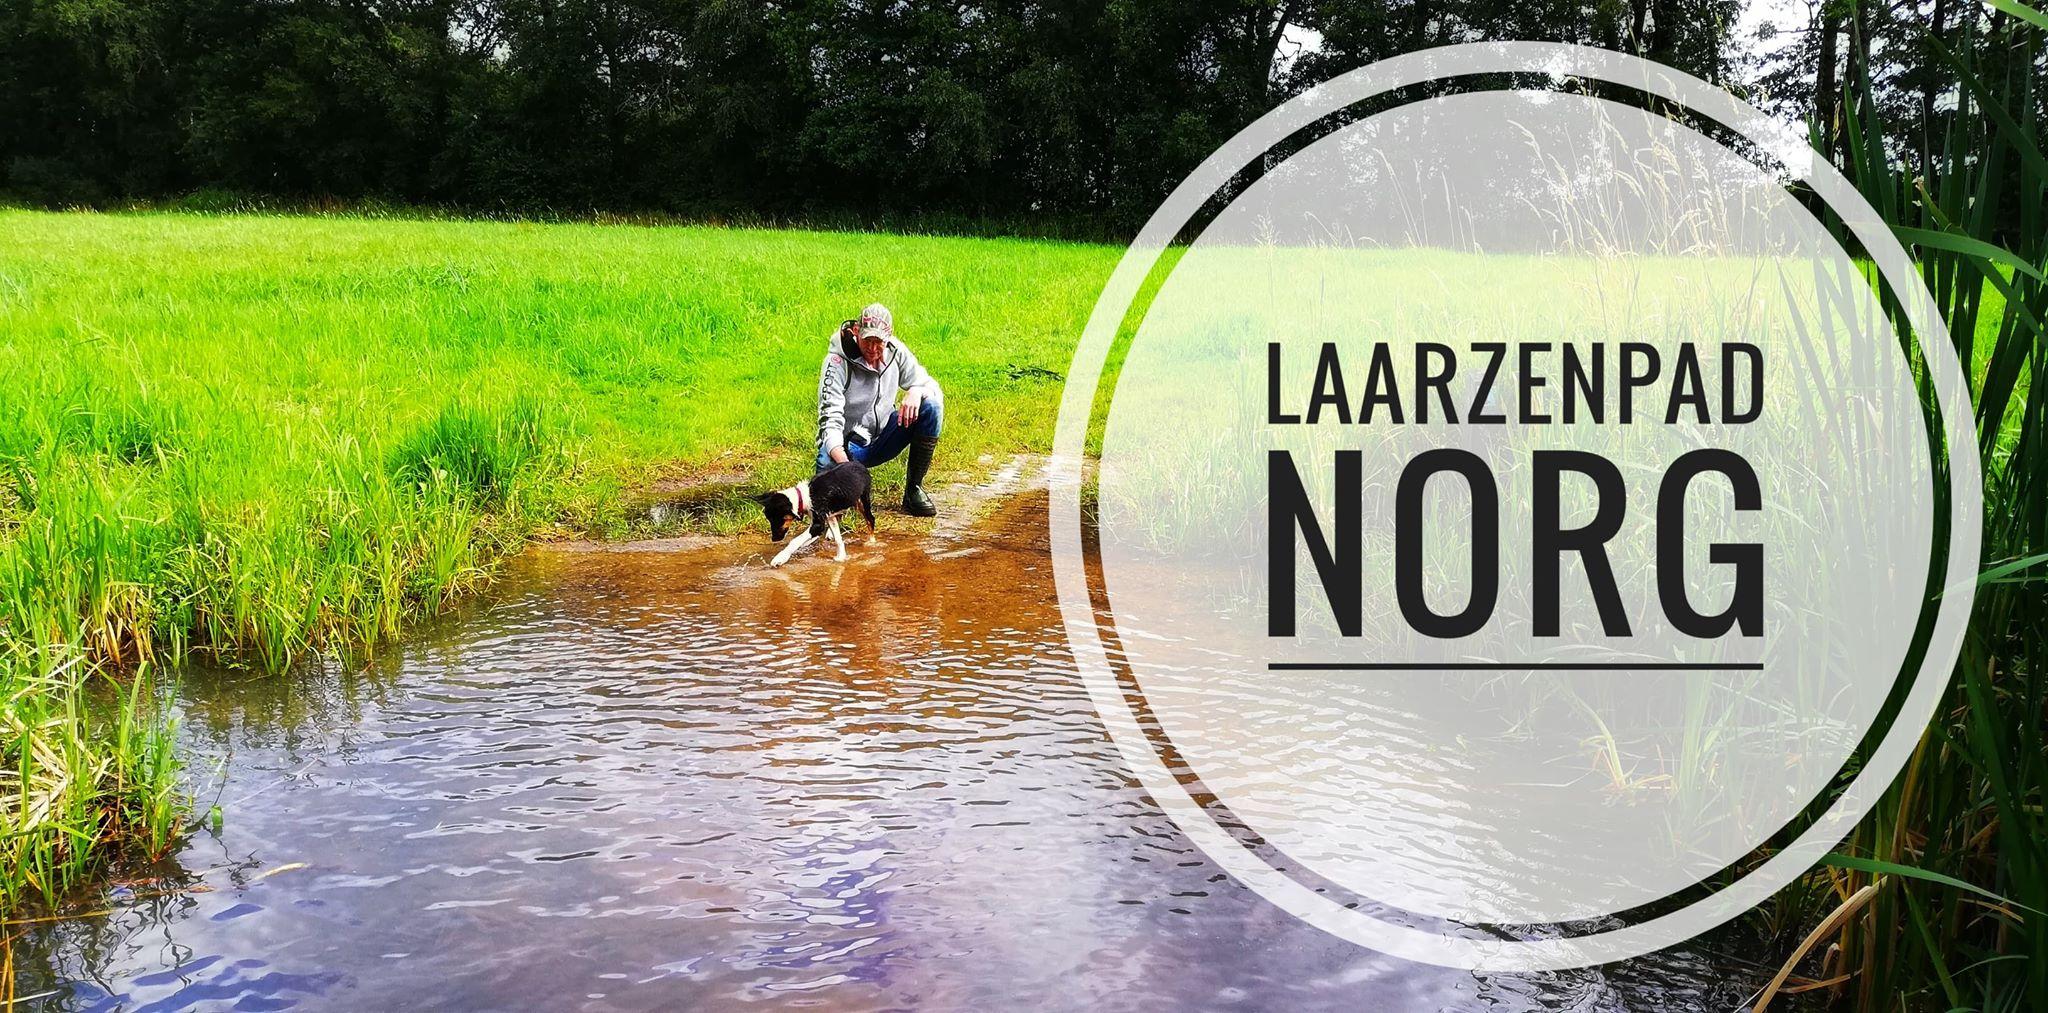 Laarzenpad – Norg